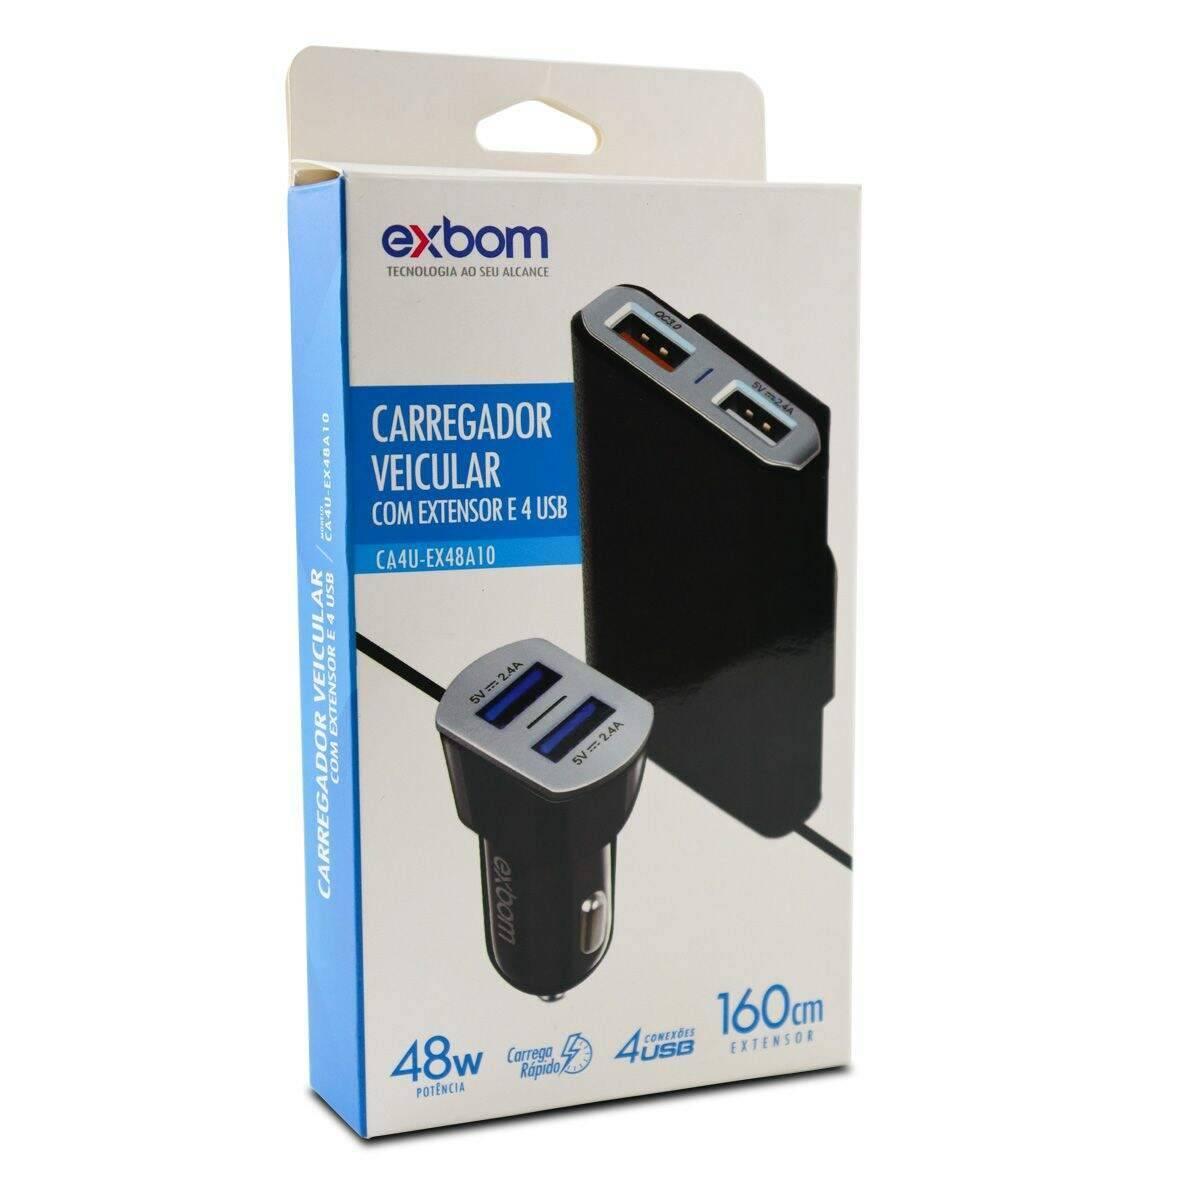 Carregador USB 4 Saídas 48W Veicular com Extensor 1,6M CA4U-EX48A10 Exbom - Casa da Pilha